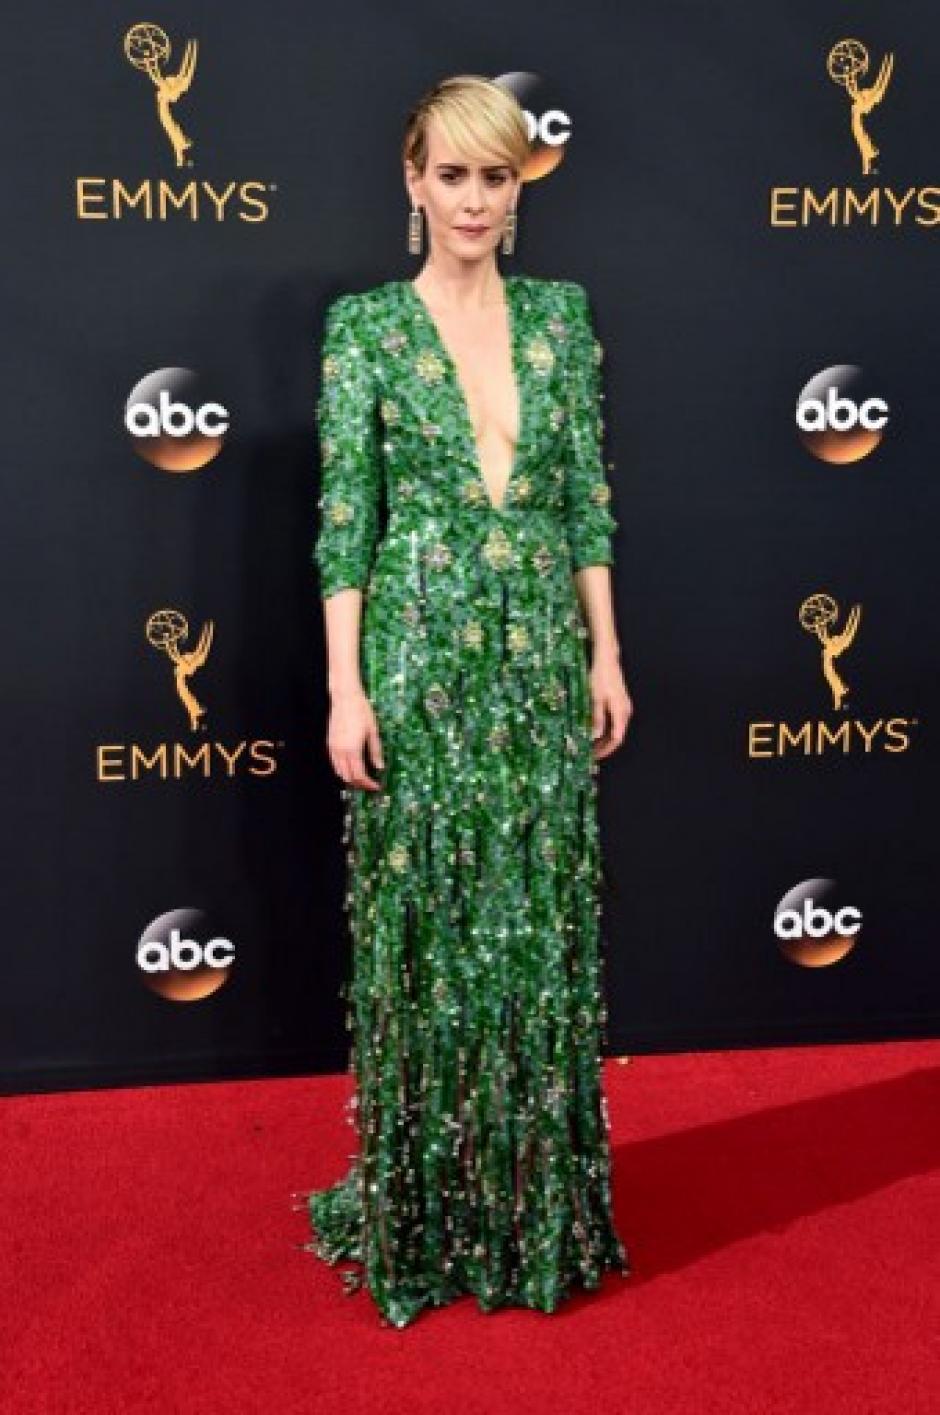 Sarah Paulson, espectacular con este vestido verde de Prada. La actriz está nominada a dos Emmy esta noche. (Foto: Afp)